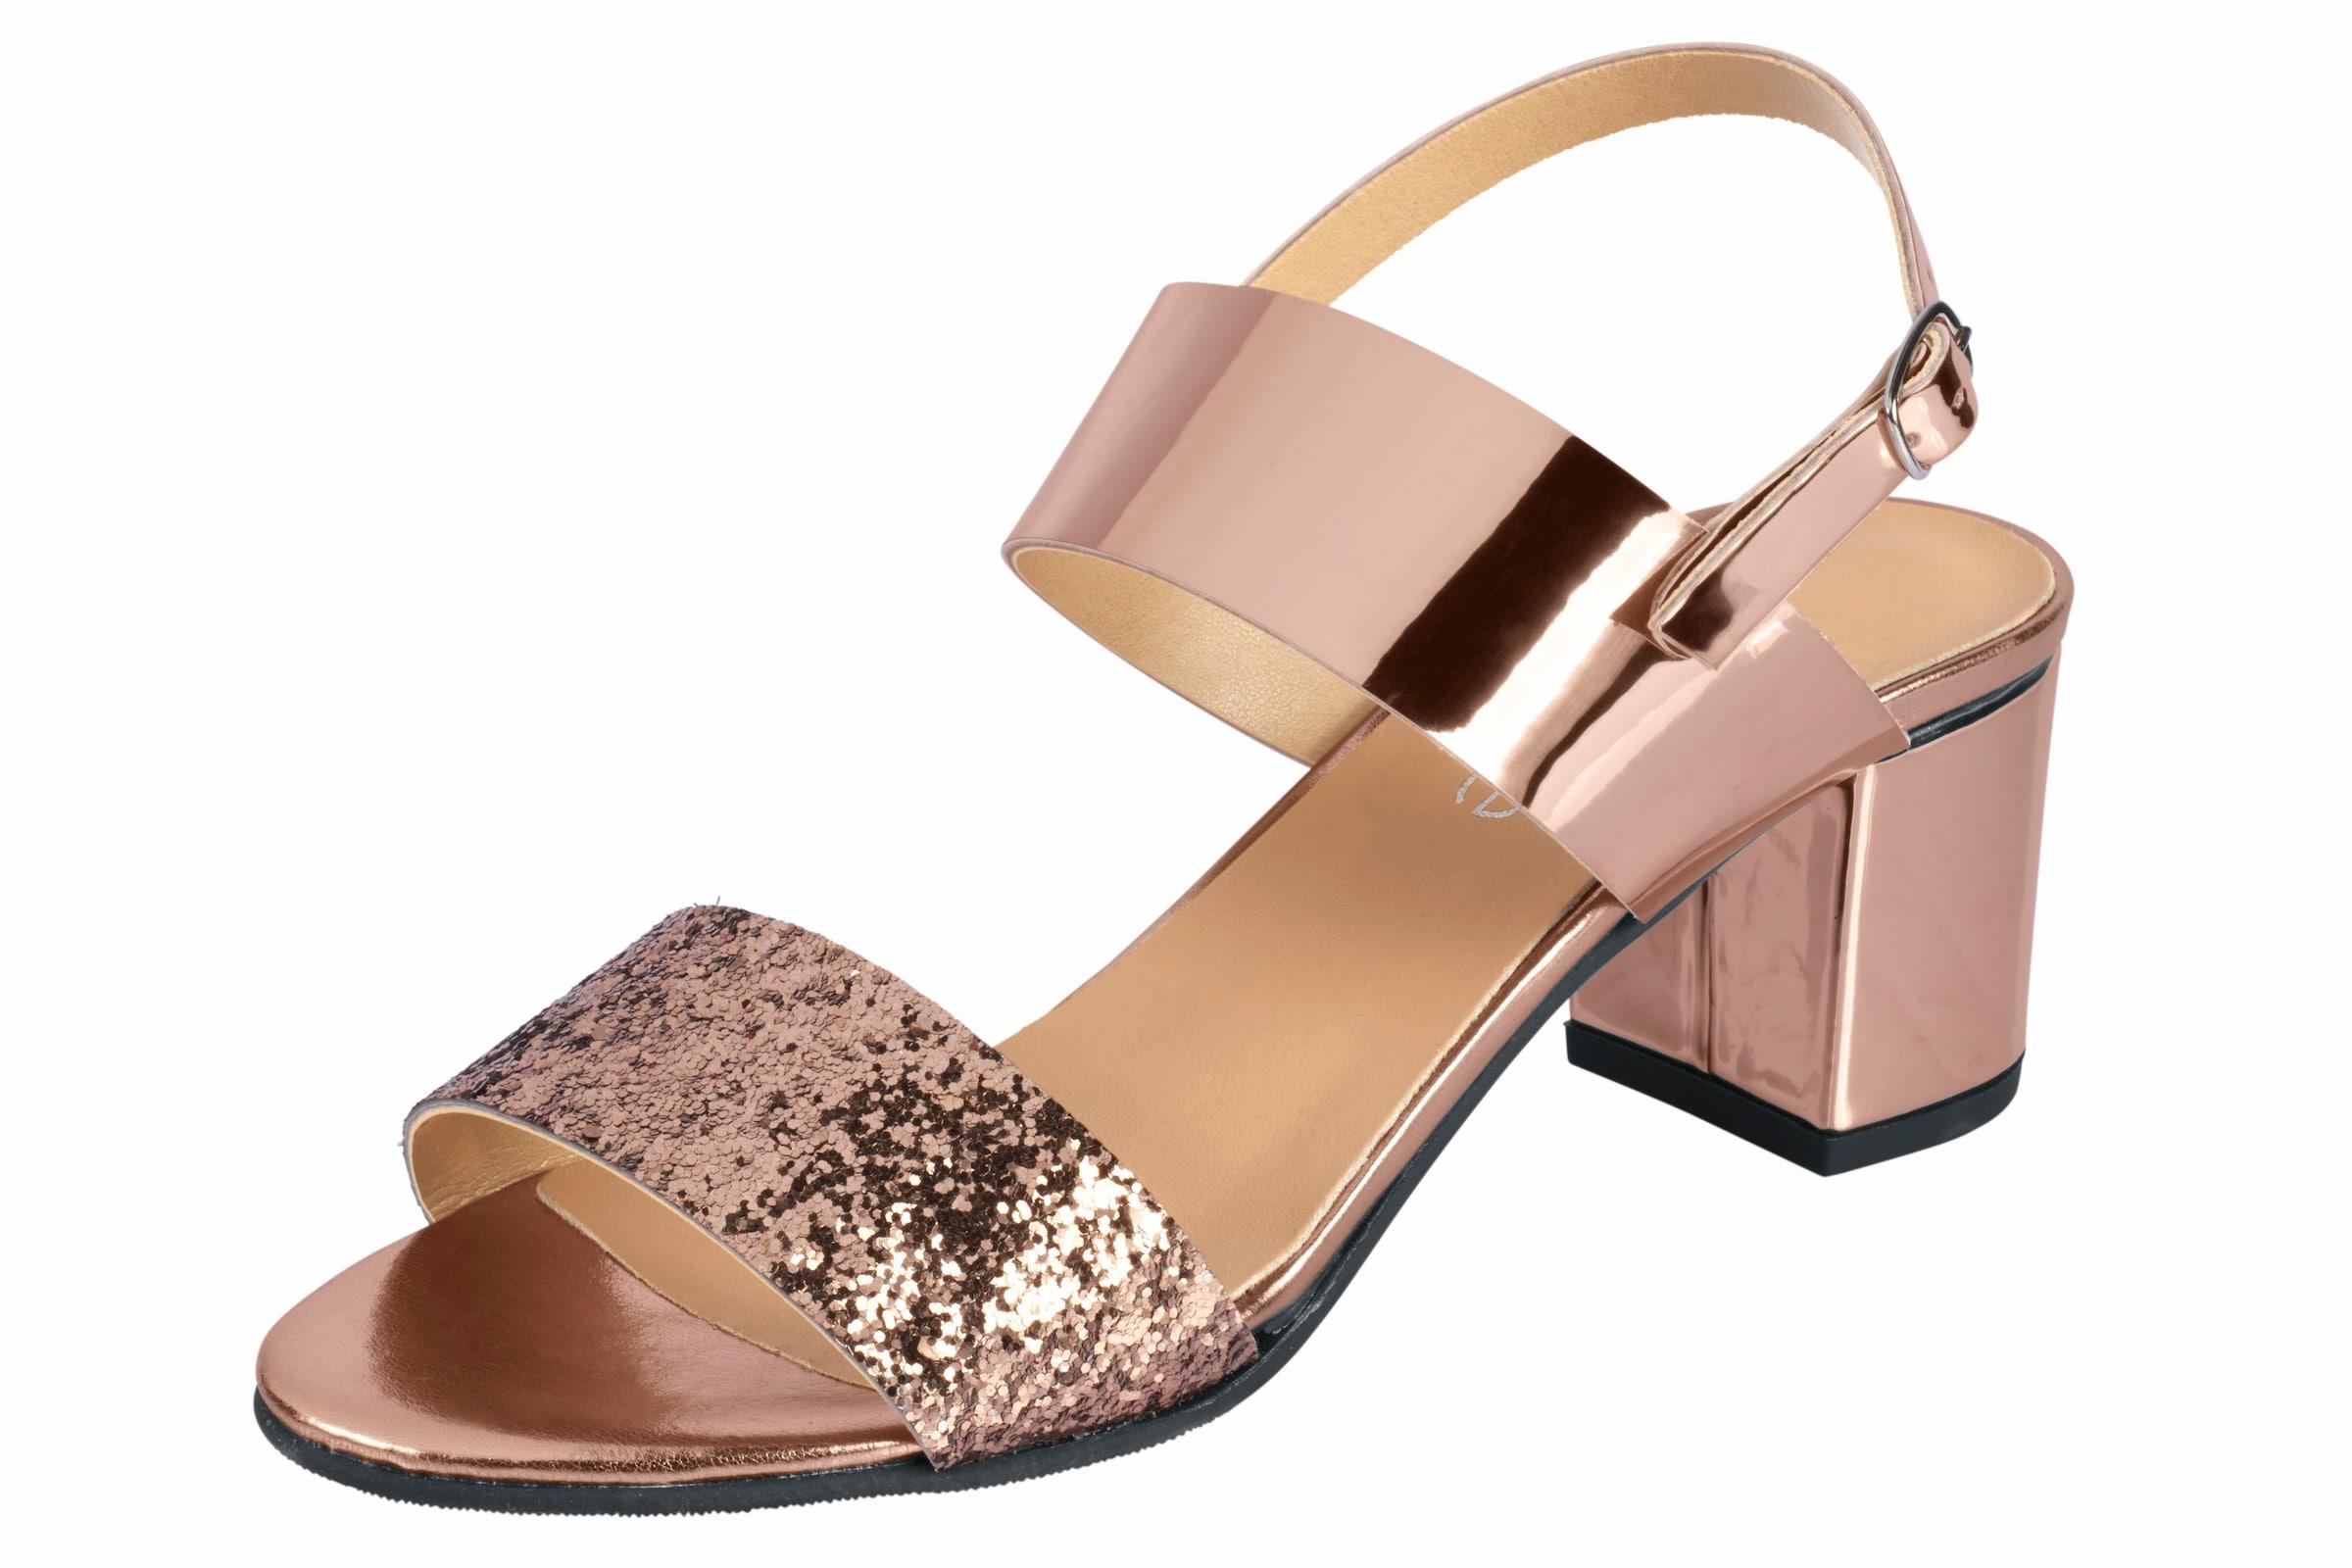 heine Sandalette mit Rüschen Günstige und langlebige Schuhe